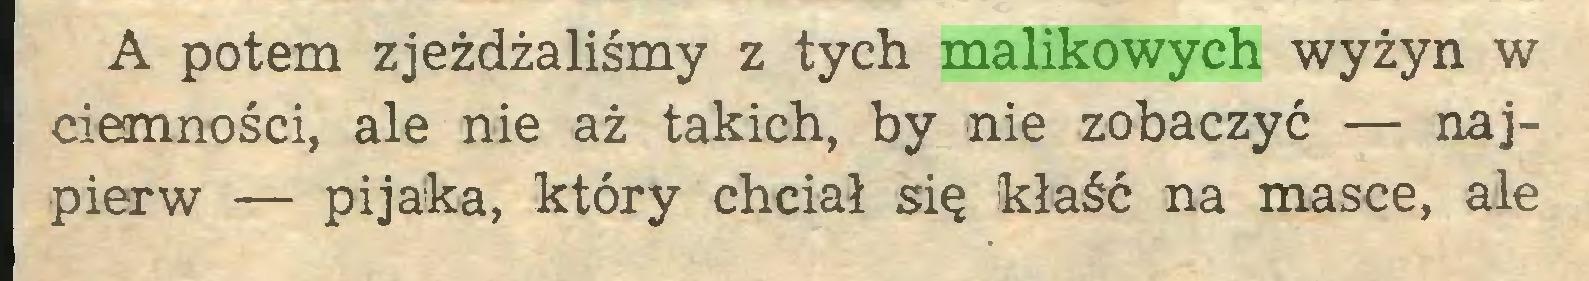 (...) A potem zjeżdżaliśmy z tych malikowych wyżyn w ciemności, ale nie aż takich, by nie zobaczyć — najpierw — pijaka, który chciał się kłaść na masce, ale...